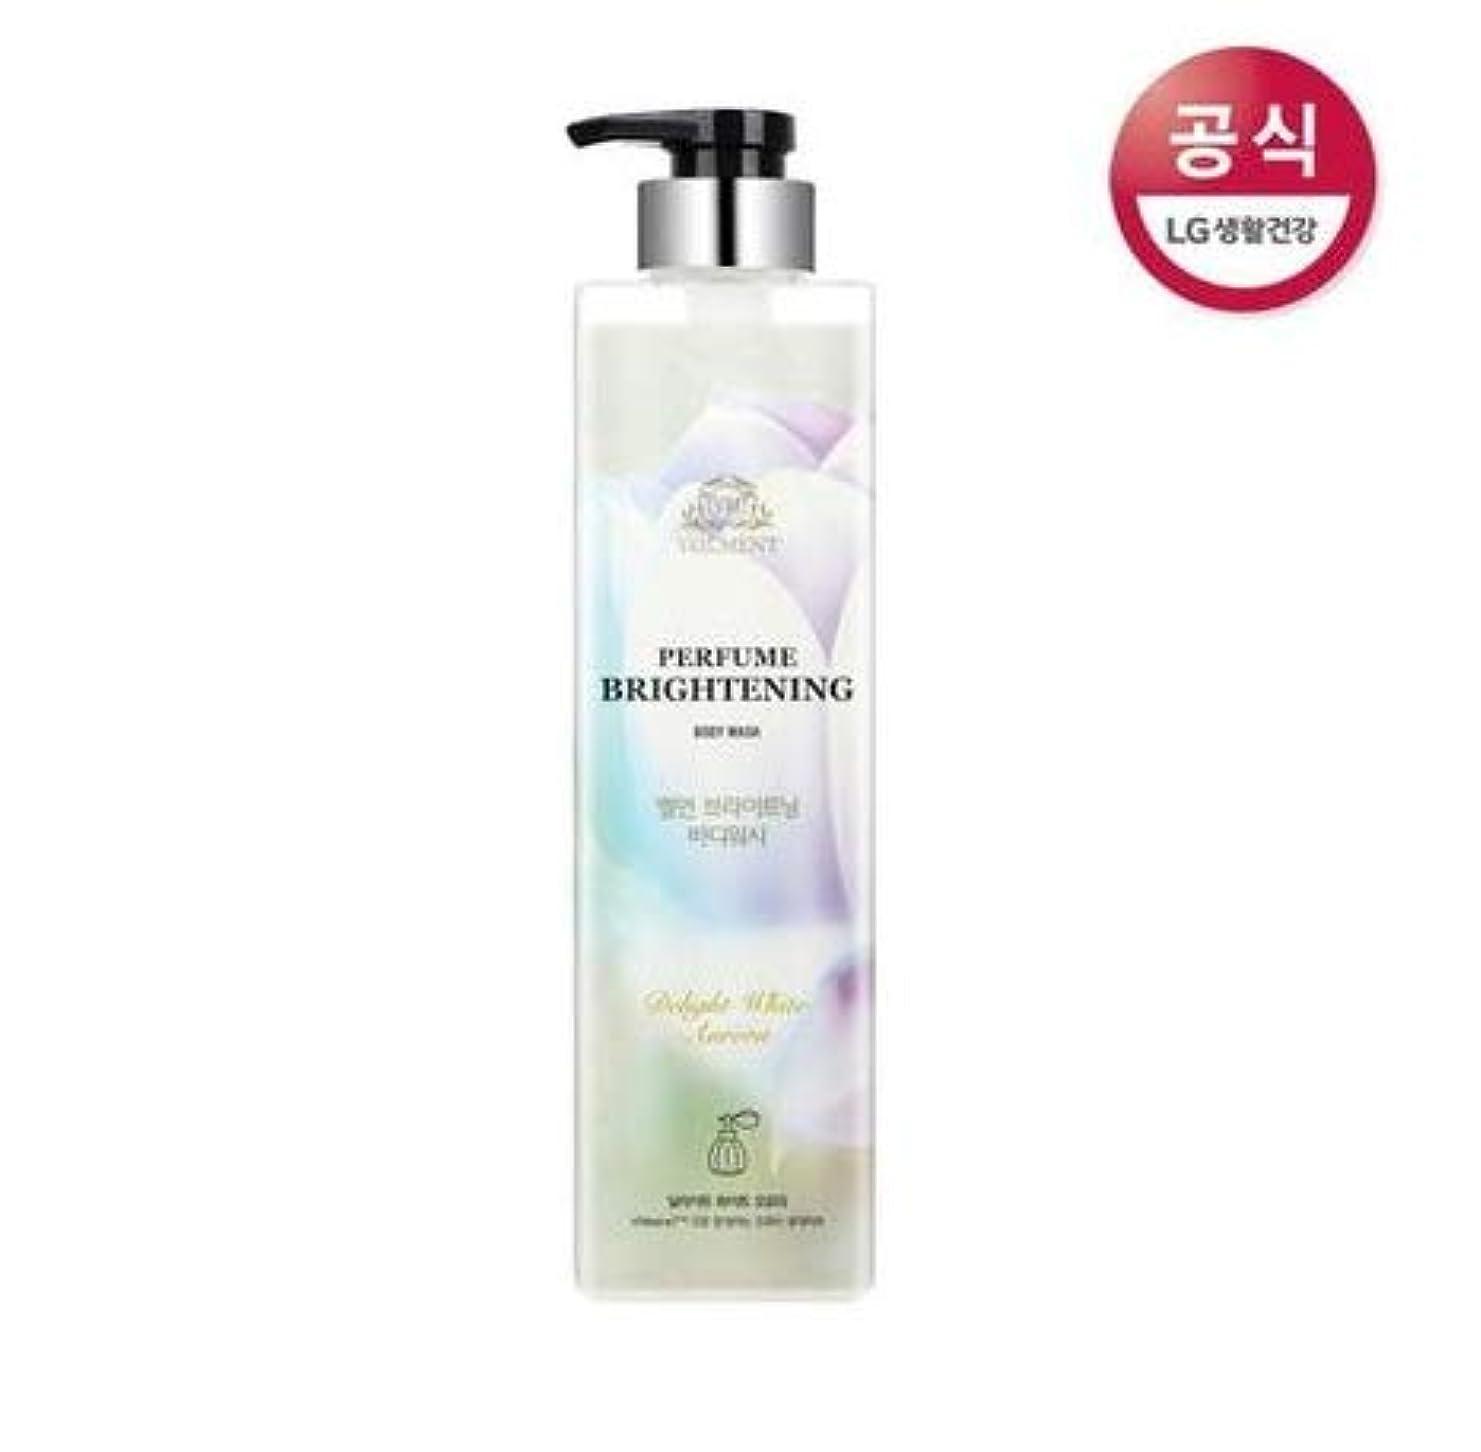 控えるいたずら詳細な[LG HnB] On the Body Belman Perfume Brightening Body Wash / オンザボディベルモンパフュームブライトニングボディウォッシュ680mlx1個(海外直送品)